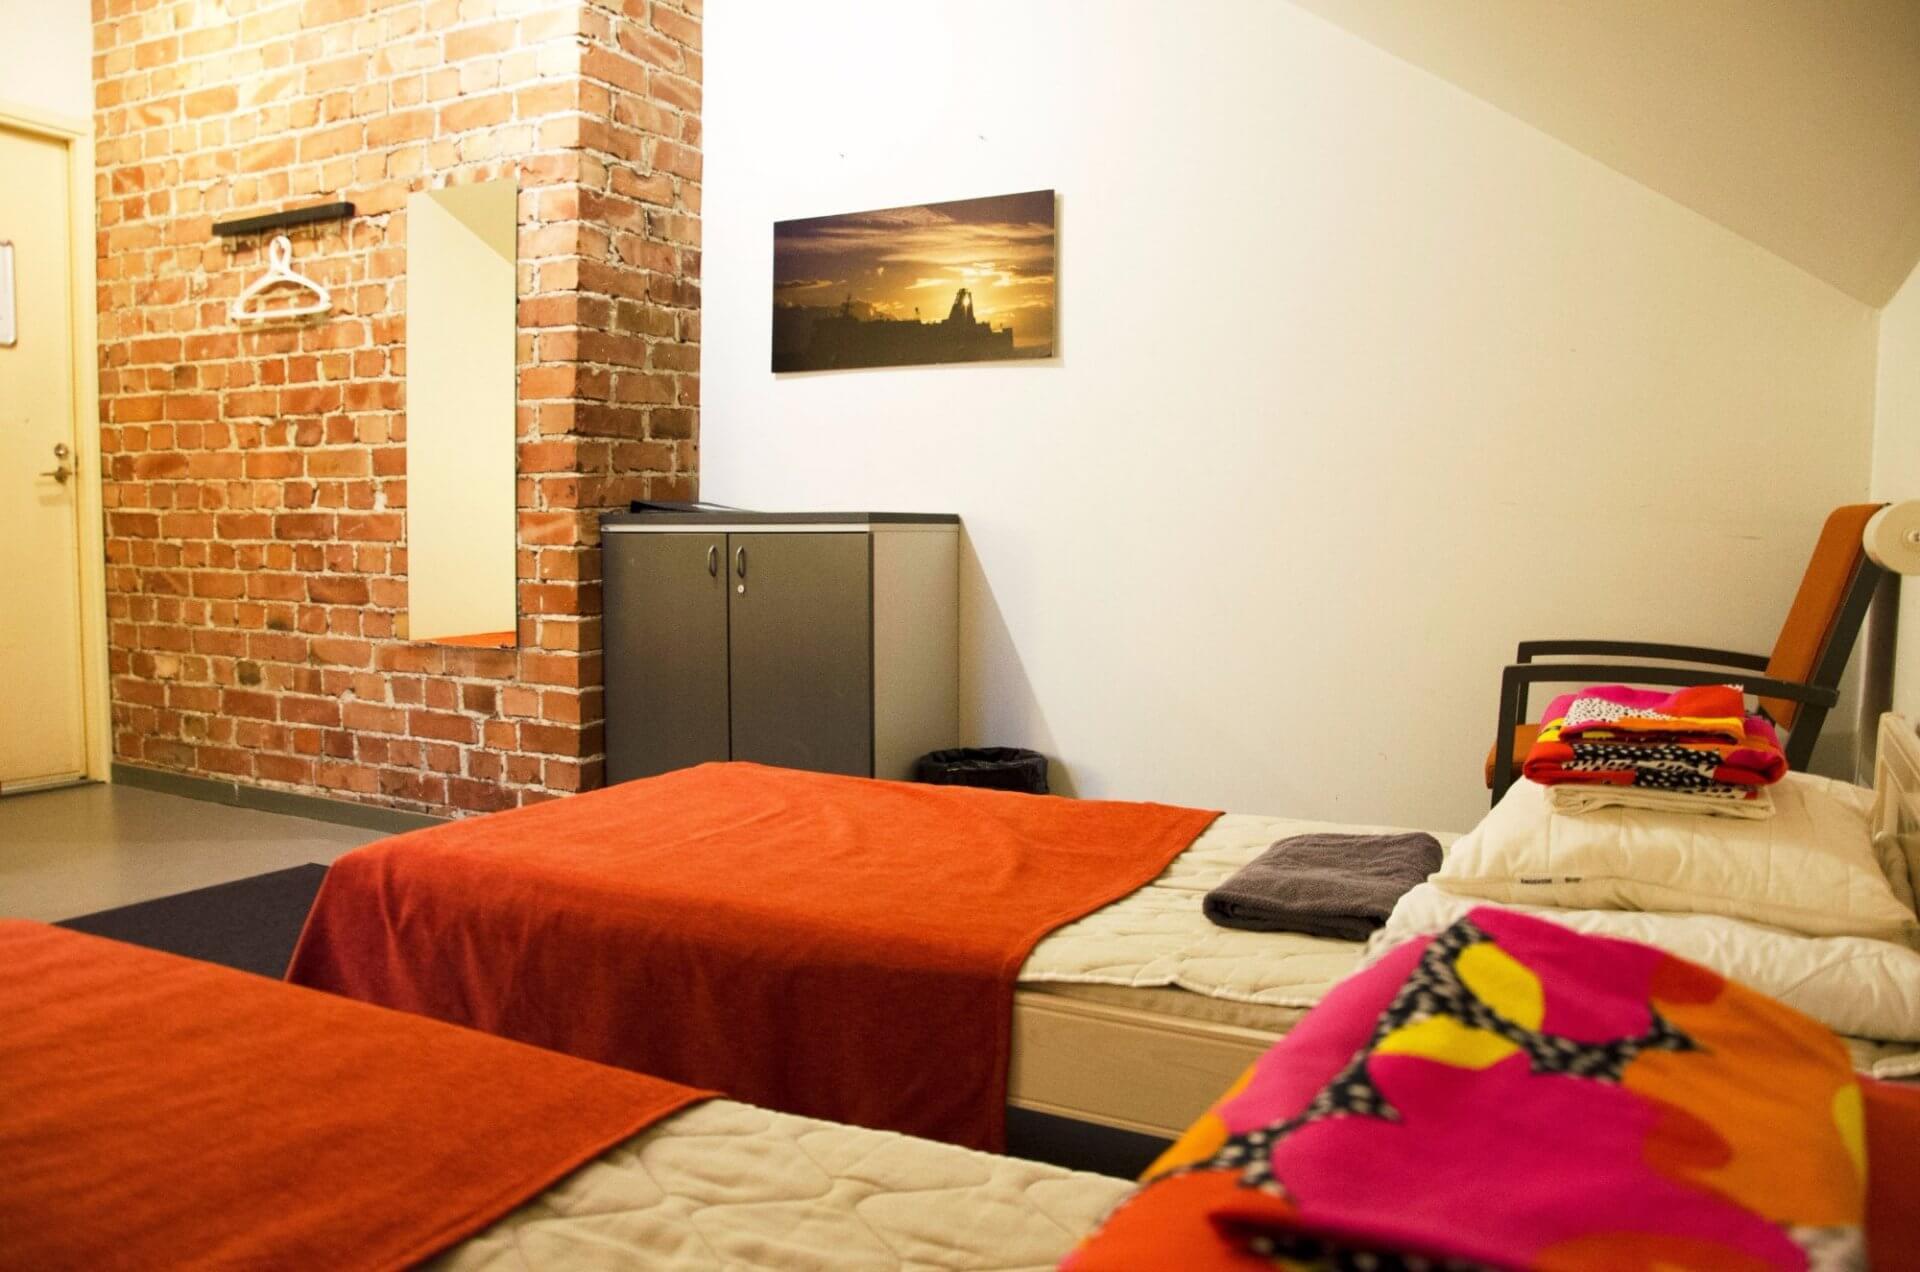 ホステル・スオメンリンナのホームページより。個室も用意されているので家族連れでもプライベートが保証されている